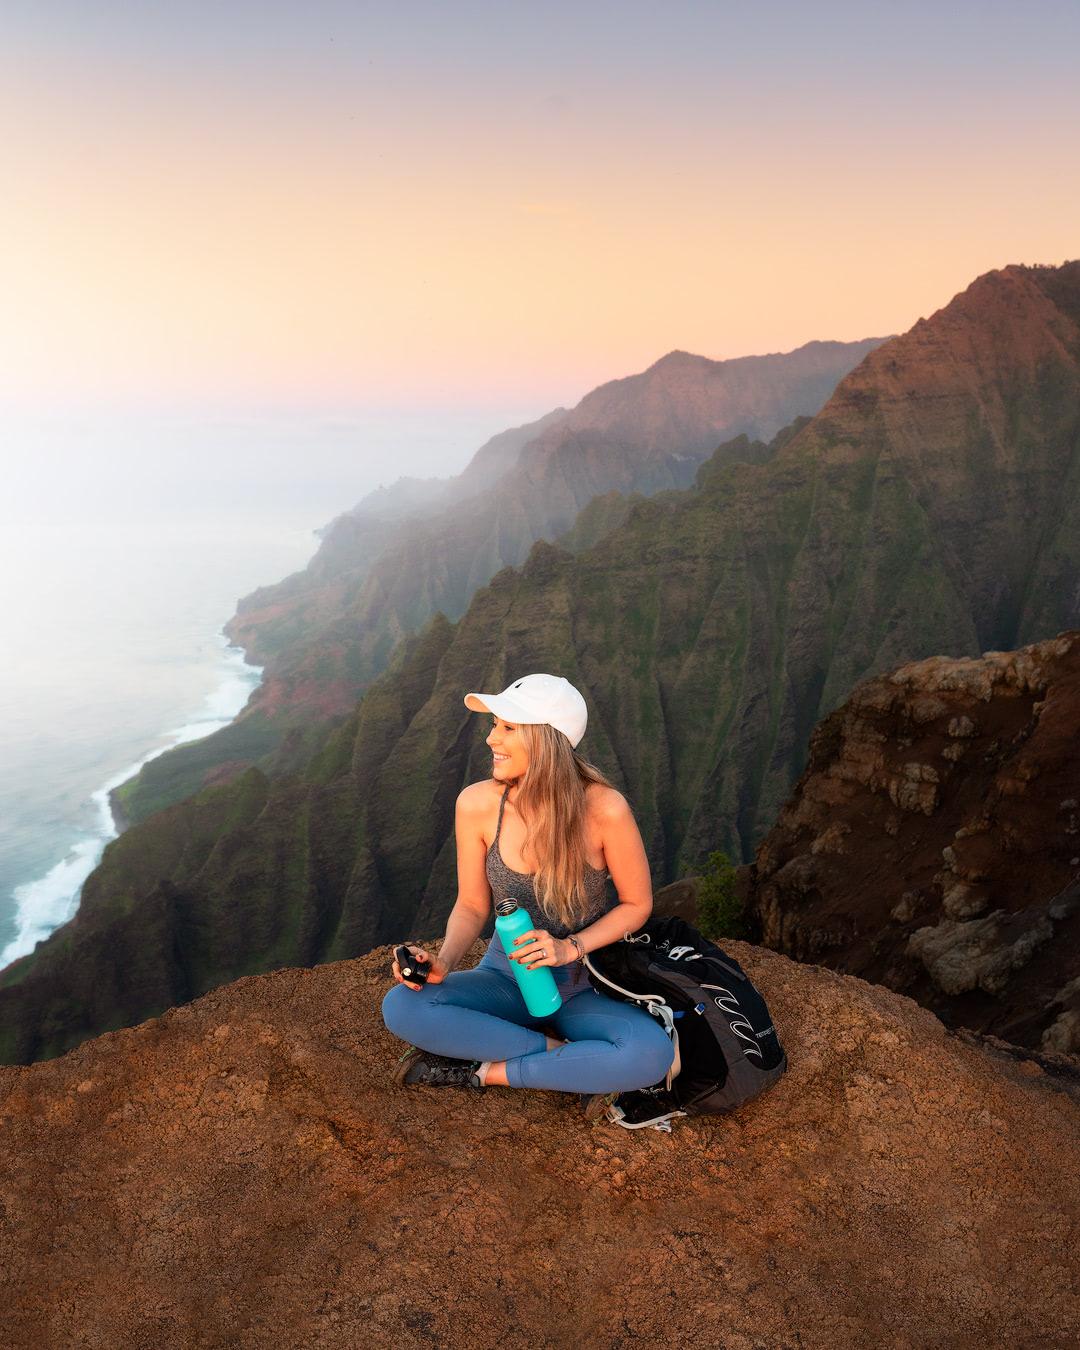 9 Must-Do Kauai Outdoor Adventures - Honupu Ridge Hike - Renee Roaming